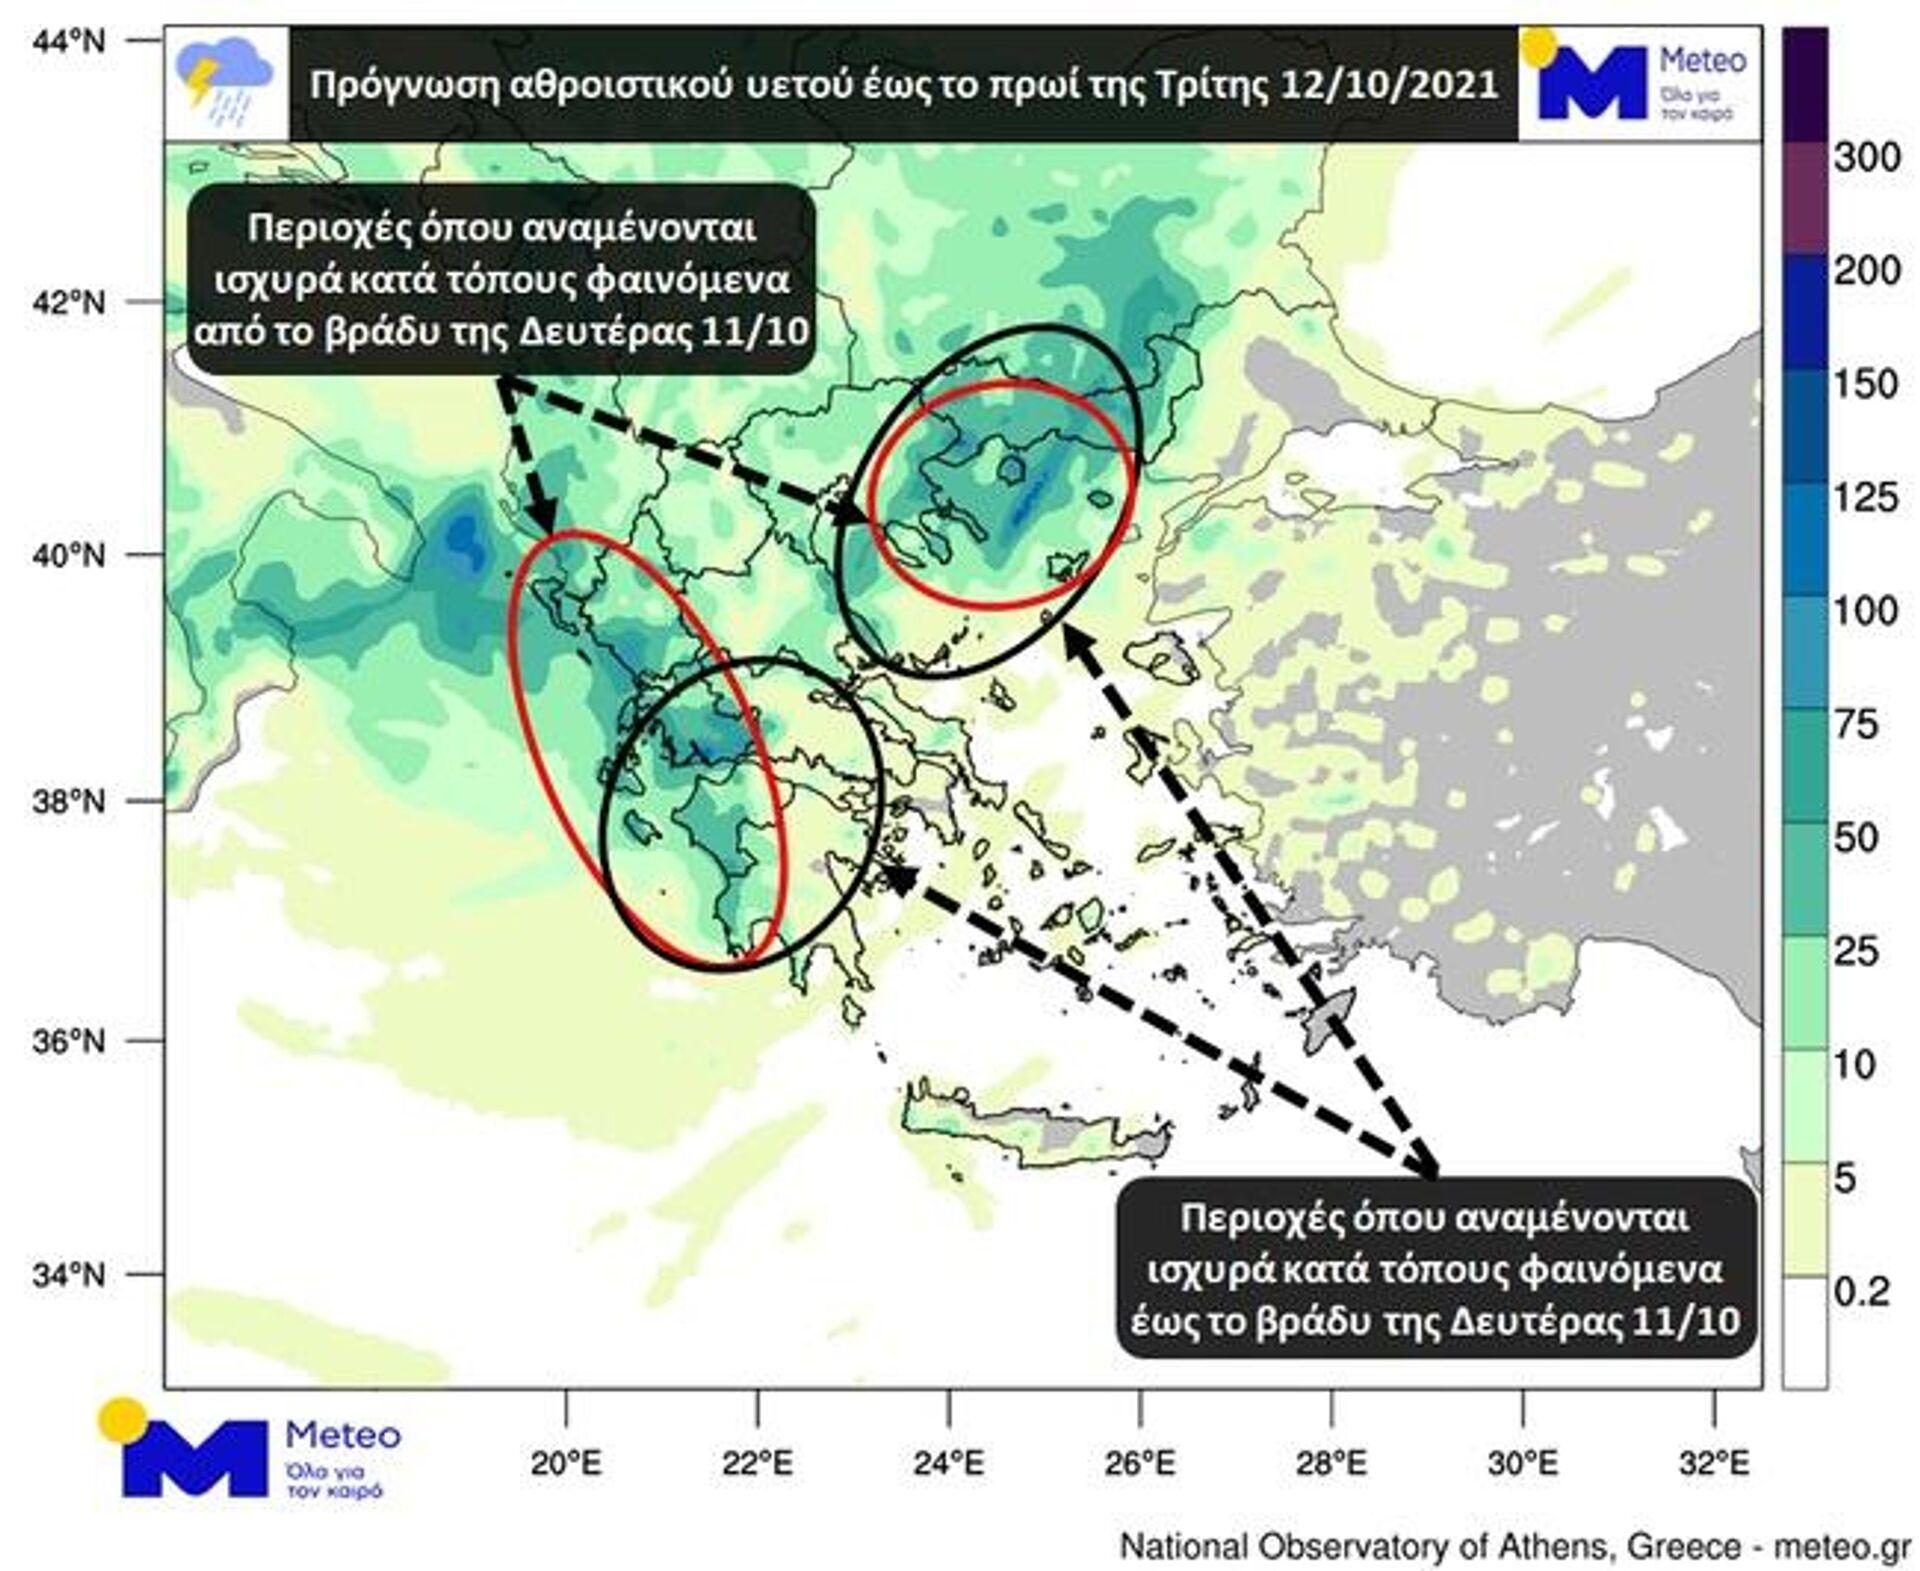 Η αθροιστική βροχή που αναμένεται έως το πρωί της Τρίτης 12/10 καθώς και οι περιοχές που αναμένονται τα ισχυρότερα φαινόμενα έως το βράδυ της Δευτέρας 11/10 (μαύρες ελλείψεις) και από το βράδυ της Δευτέρας 11/10 έως το πρωί της Τρίτης 12/10 (κόκκινες ελλείψεις). - Sputnik Ελλάδα, 1920, 11.10.2021